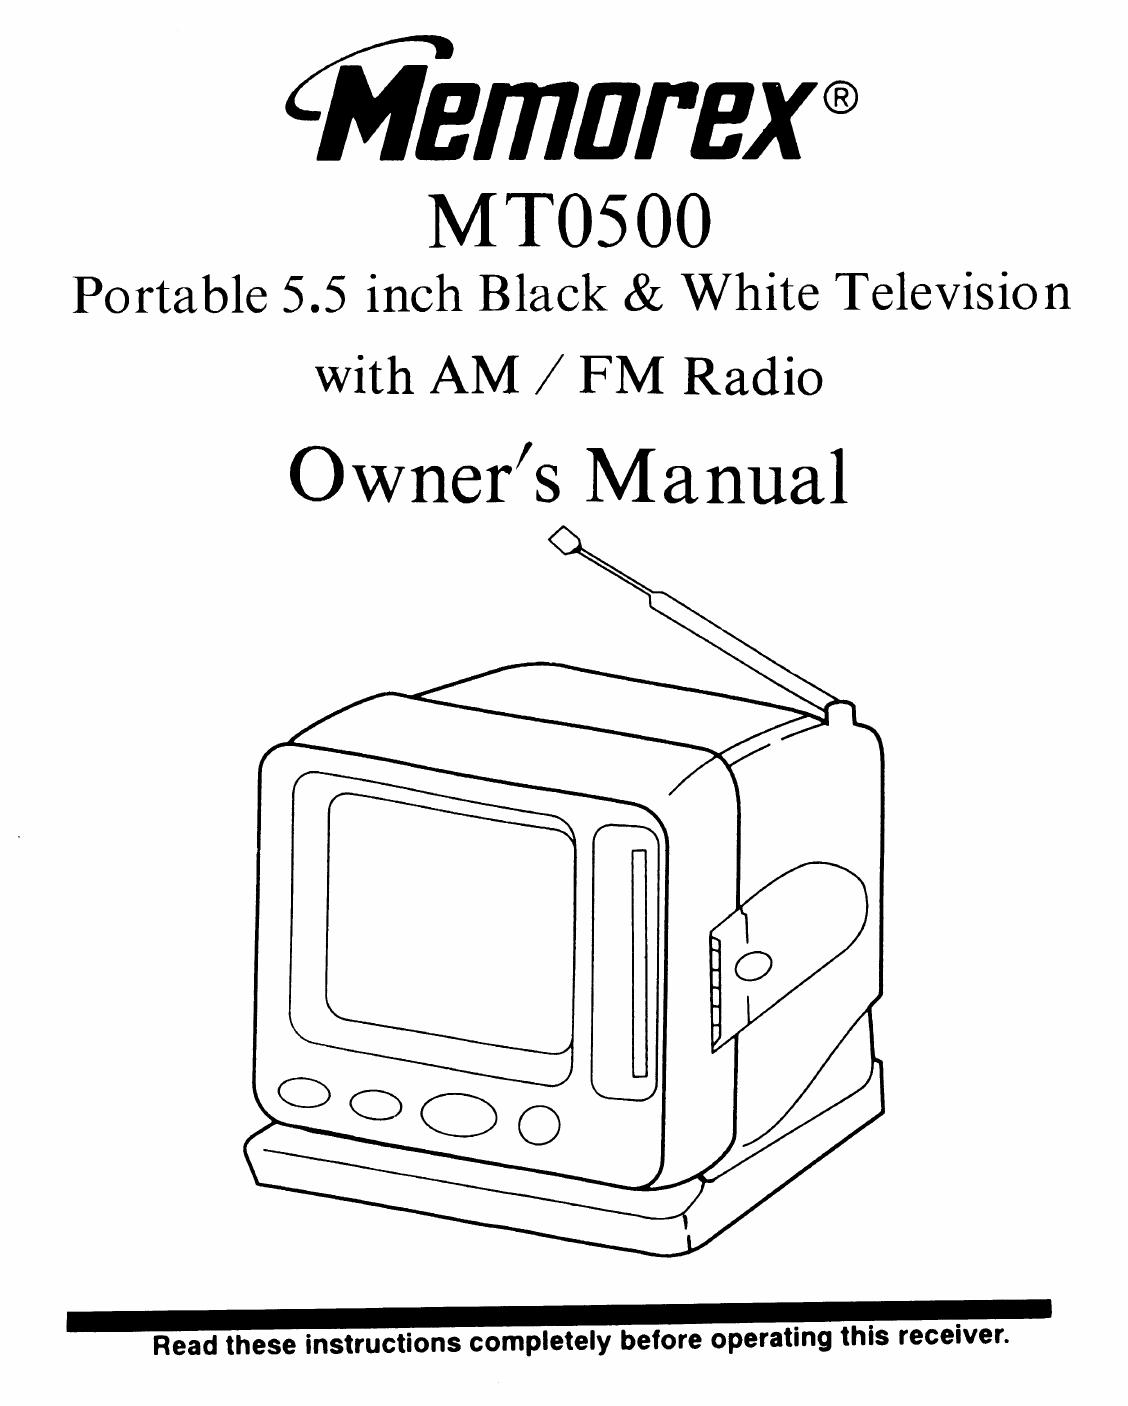 memorex handheld tv mt0500 user guide